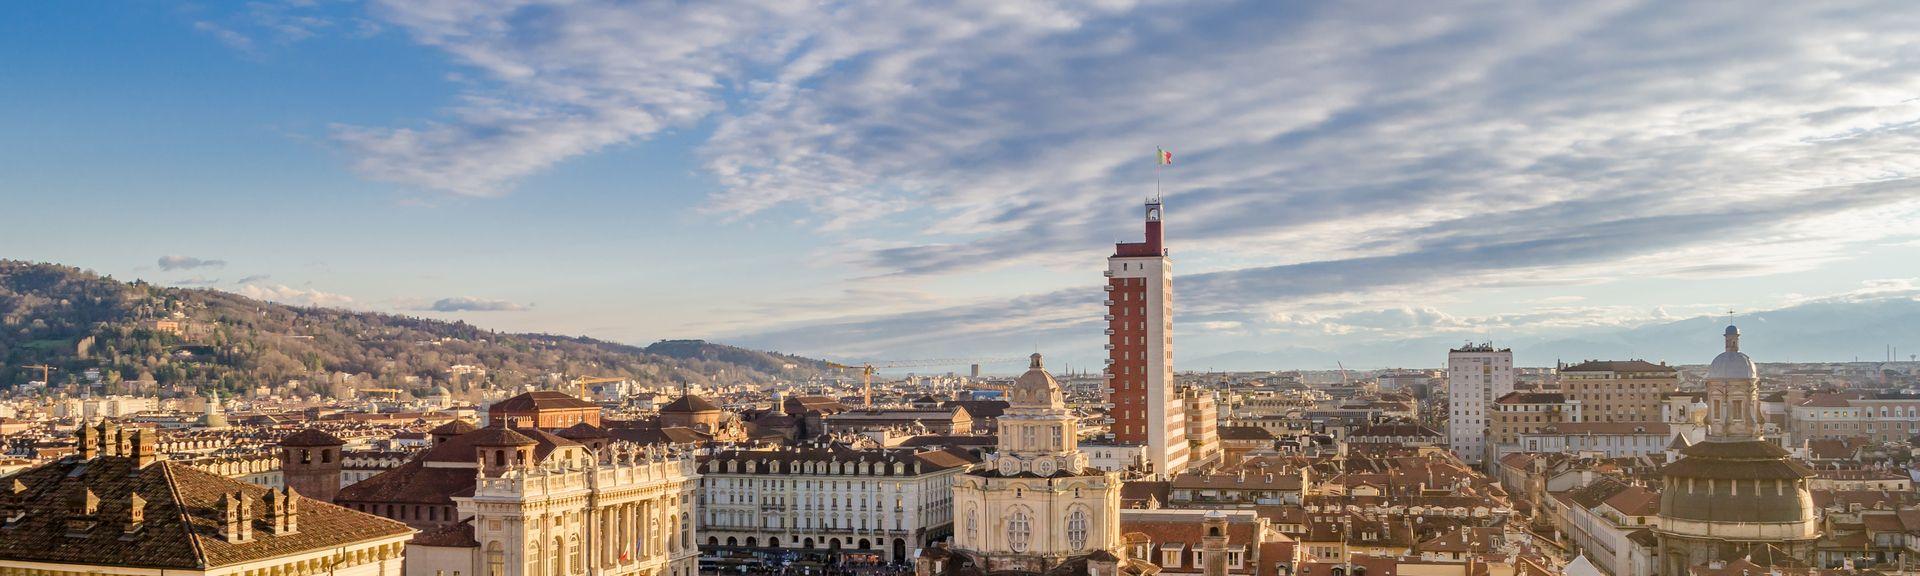 Centro, Turin, Italy